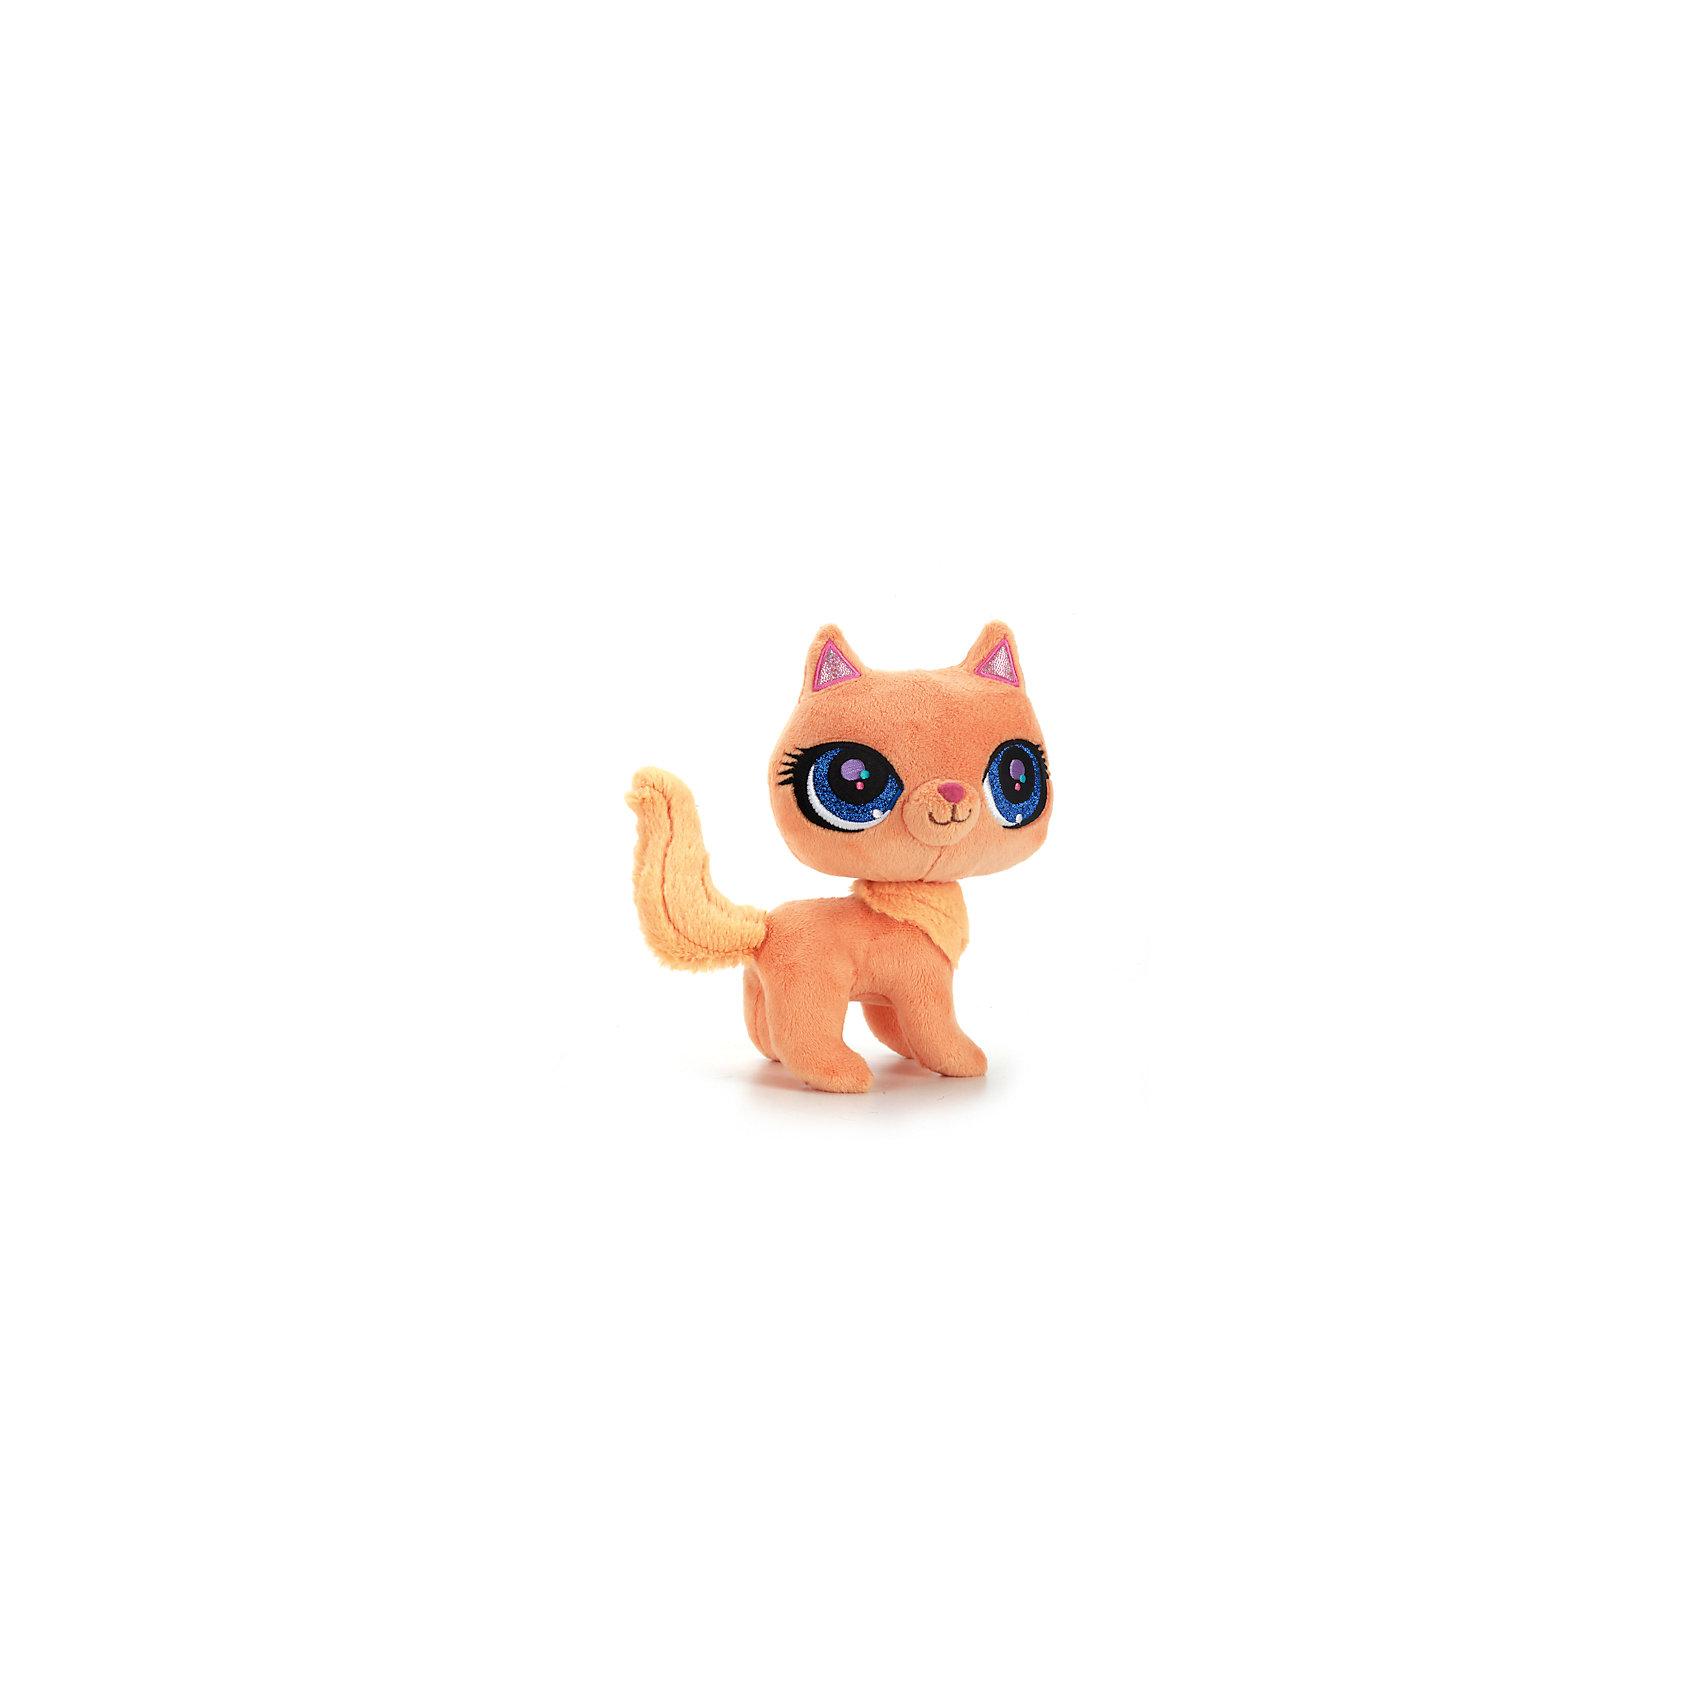 Мягкая игрушка  Рыжая кошка, 17 см, со звуком,  МУЛЬТИ-ПУЛЬТИКошки и собаки<br>Мягкая игрушка Рыжая кошка со звуком от марки МУЛЬТИ-ПУЛЬТИ<br><br>Очаровательная мягкая игрушка от отечественного производителя сделана в виде симпатичной яркой кошечки. Она поможет ребенку проводить время весело и с пользой. В игрушке есть встроенный звуковой модуль, работающий на батарейках.<br>Размер игрушки универсален - 17 сантиметров, её удобно брать с собой в поездки и на прогулку. Сделана она из качественных и безопасных для ребенка материалов, которые еще и приятны на ощупь. <br><br>Отличительные особенности  игрушки:<br><br>- материал: текстиль, пластик;<br>- звуковой модуль;<br>- язык: русский;<br>- работает на батарейках;<br>- высота: 17 см.<br><br>Мягкую игрушку Рыжая кошка от марки МУЛЬТИ-ПУЛЬТИ можно купить в нашем магазине.<br><br>Ширина мм: 280<br>Глубина мм: 380<br>Высота мм: 280<br>Вес г: 110<br>Возраст от месяцев: 36<br>Возраст до месяцев: 84<br>Пол: Унисекс<br>Возраст: Детский<br>SKU: 4659486